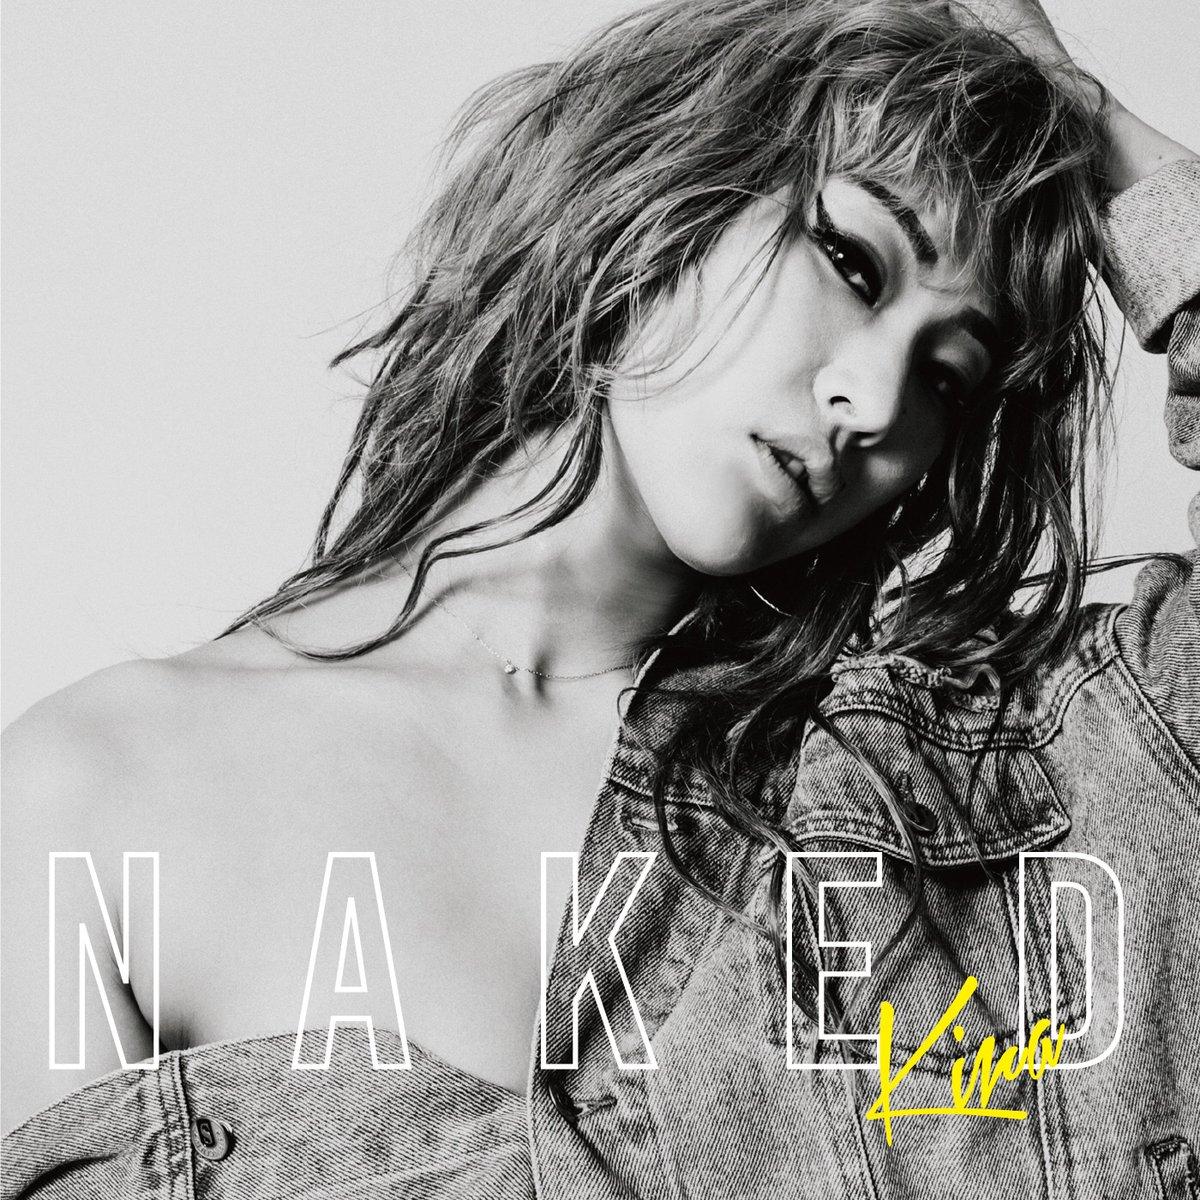 20180615.1251.04 Kira - Naked (M4A) cover.jpg